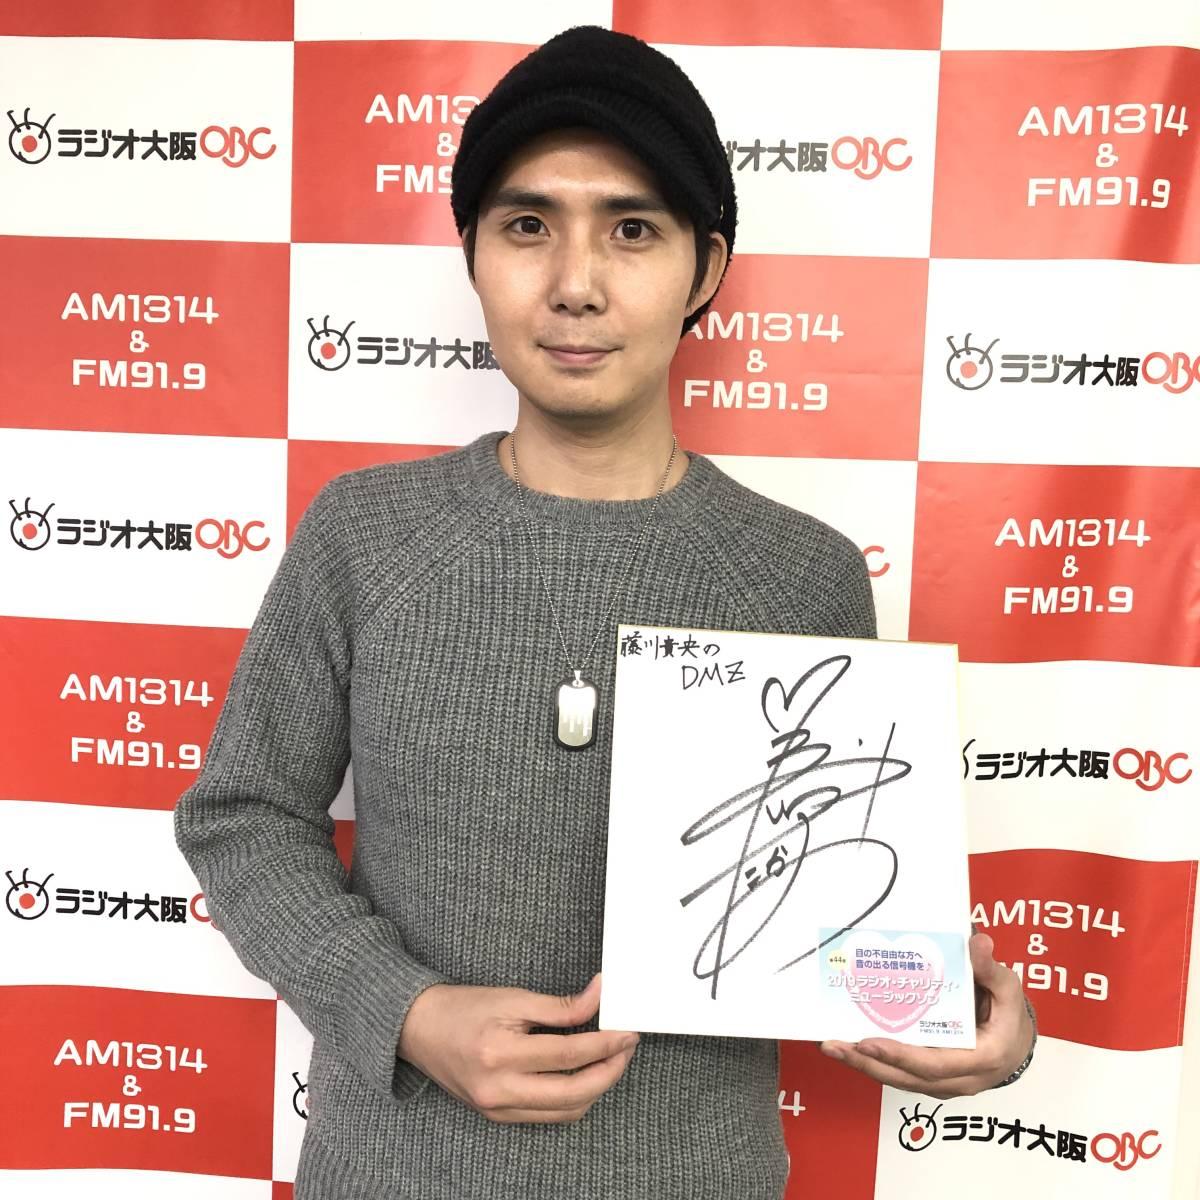 [チャリティ]【1点モノ】藤川貴央のDMZ特製「IDタグ」【ネックレス】